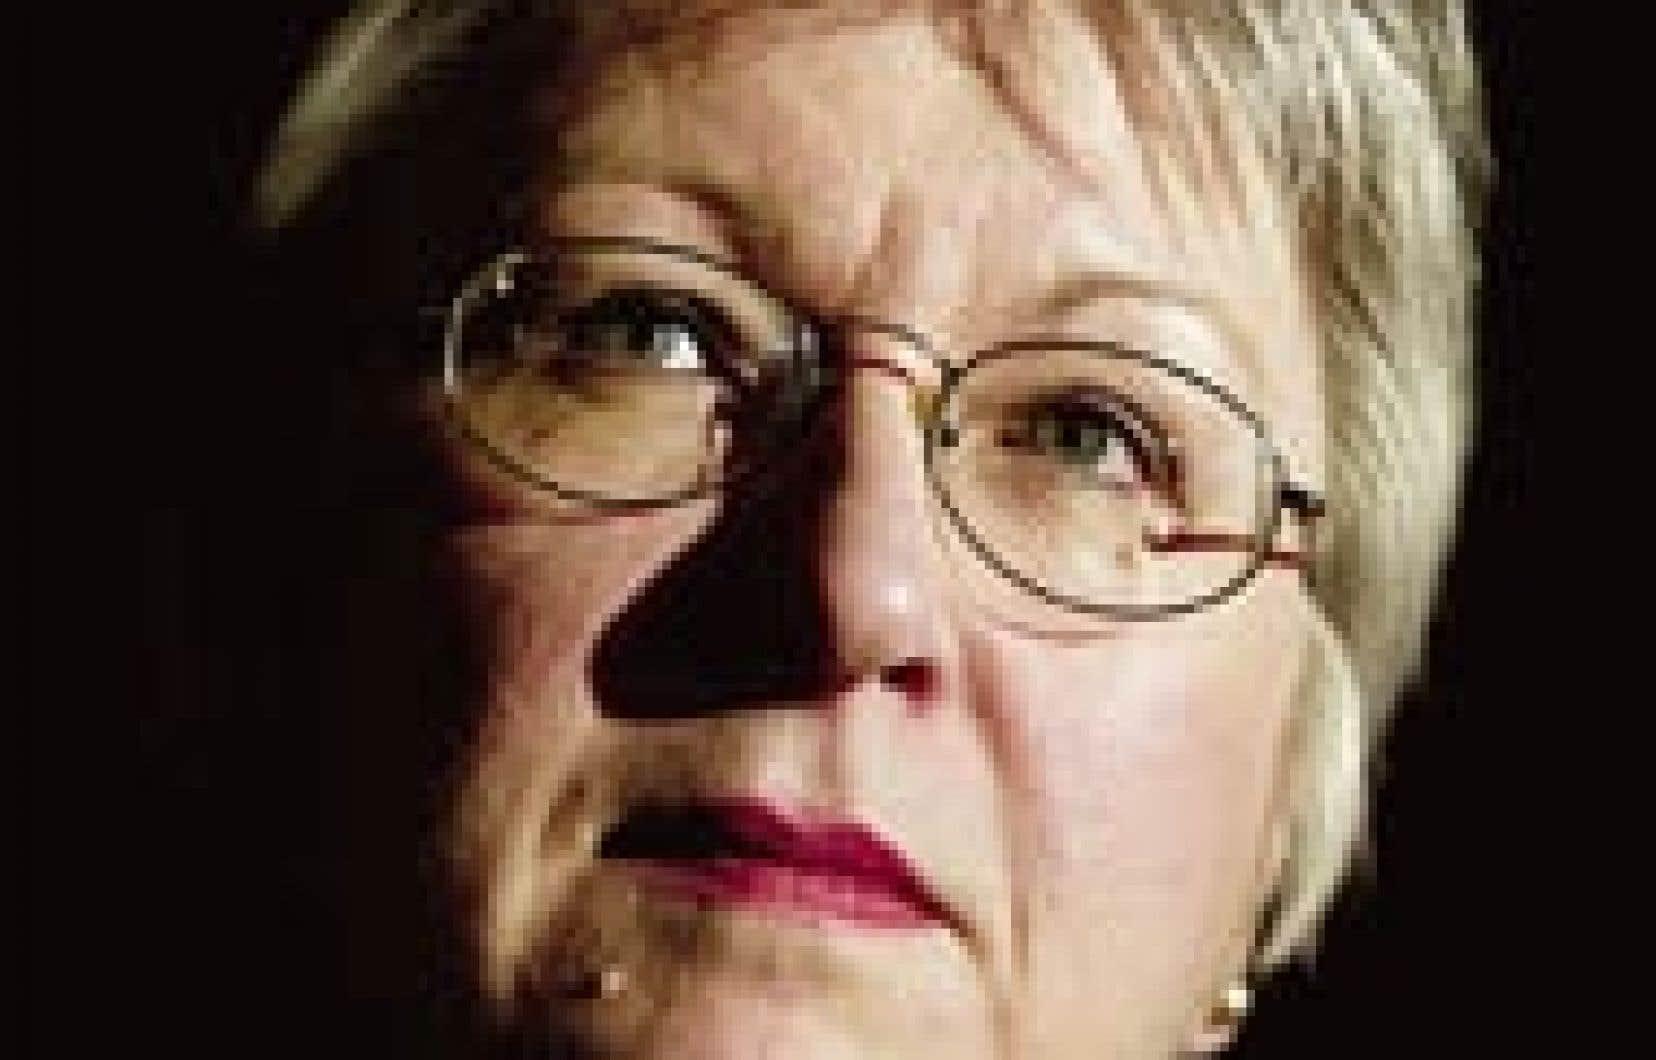 Sheila Fraser a rendu public hier un rapport troublant sur l'ancien Programme fédéral des commandites.